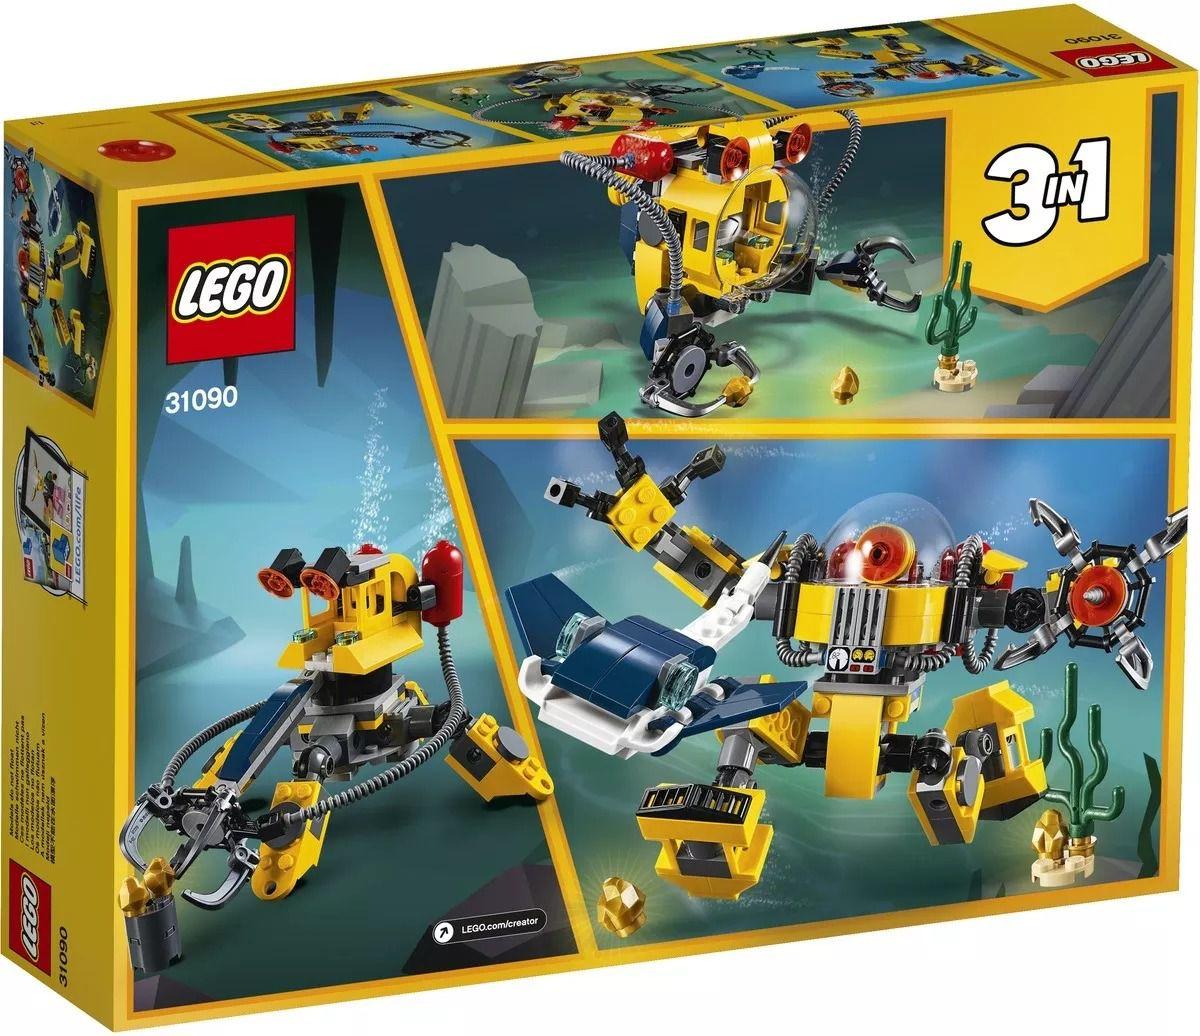 Lego 31090 Creator - 3 Em 1 - Robôs Subaquáticos – 207 peças  - Doce Diversão